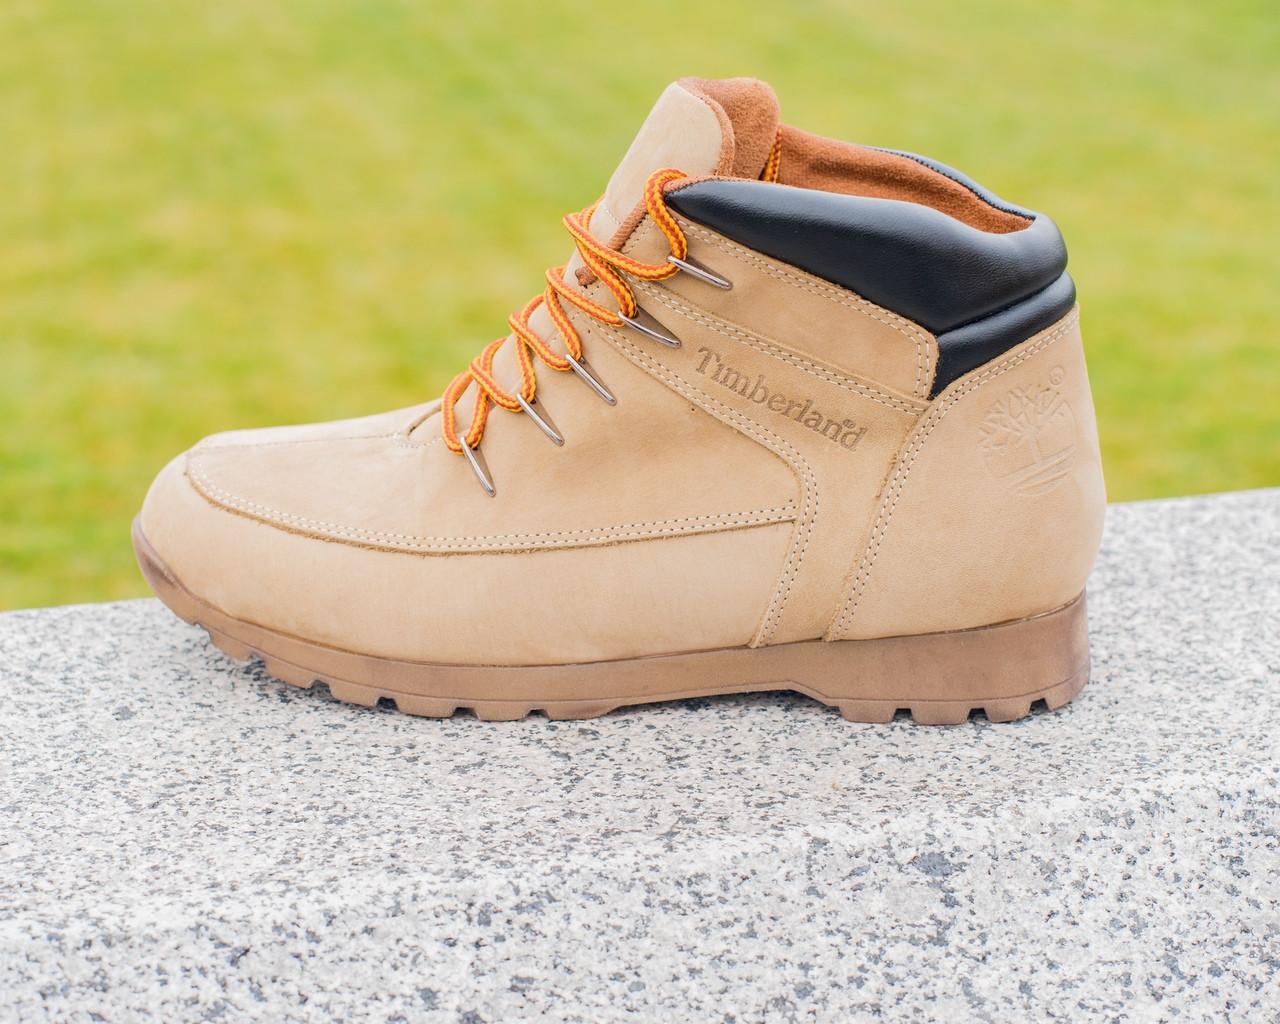 Мужские кроссовки Timberland осень-зима, осенние кроссовки тимберленд, осінні кросівки тімберленд зимние